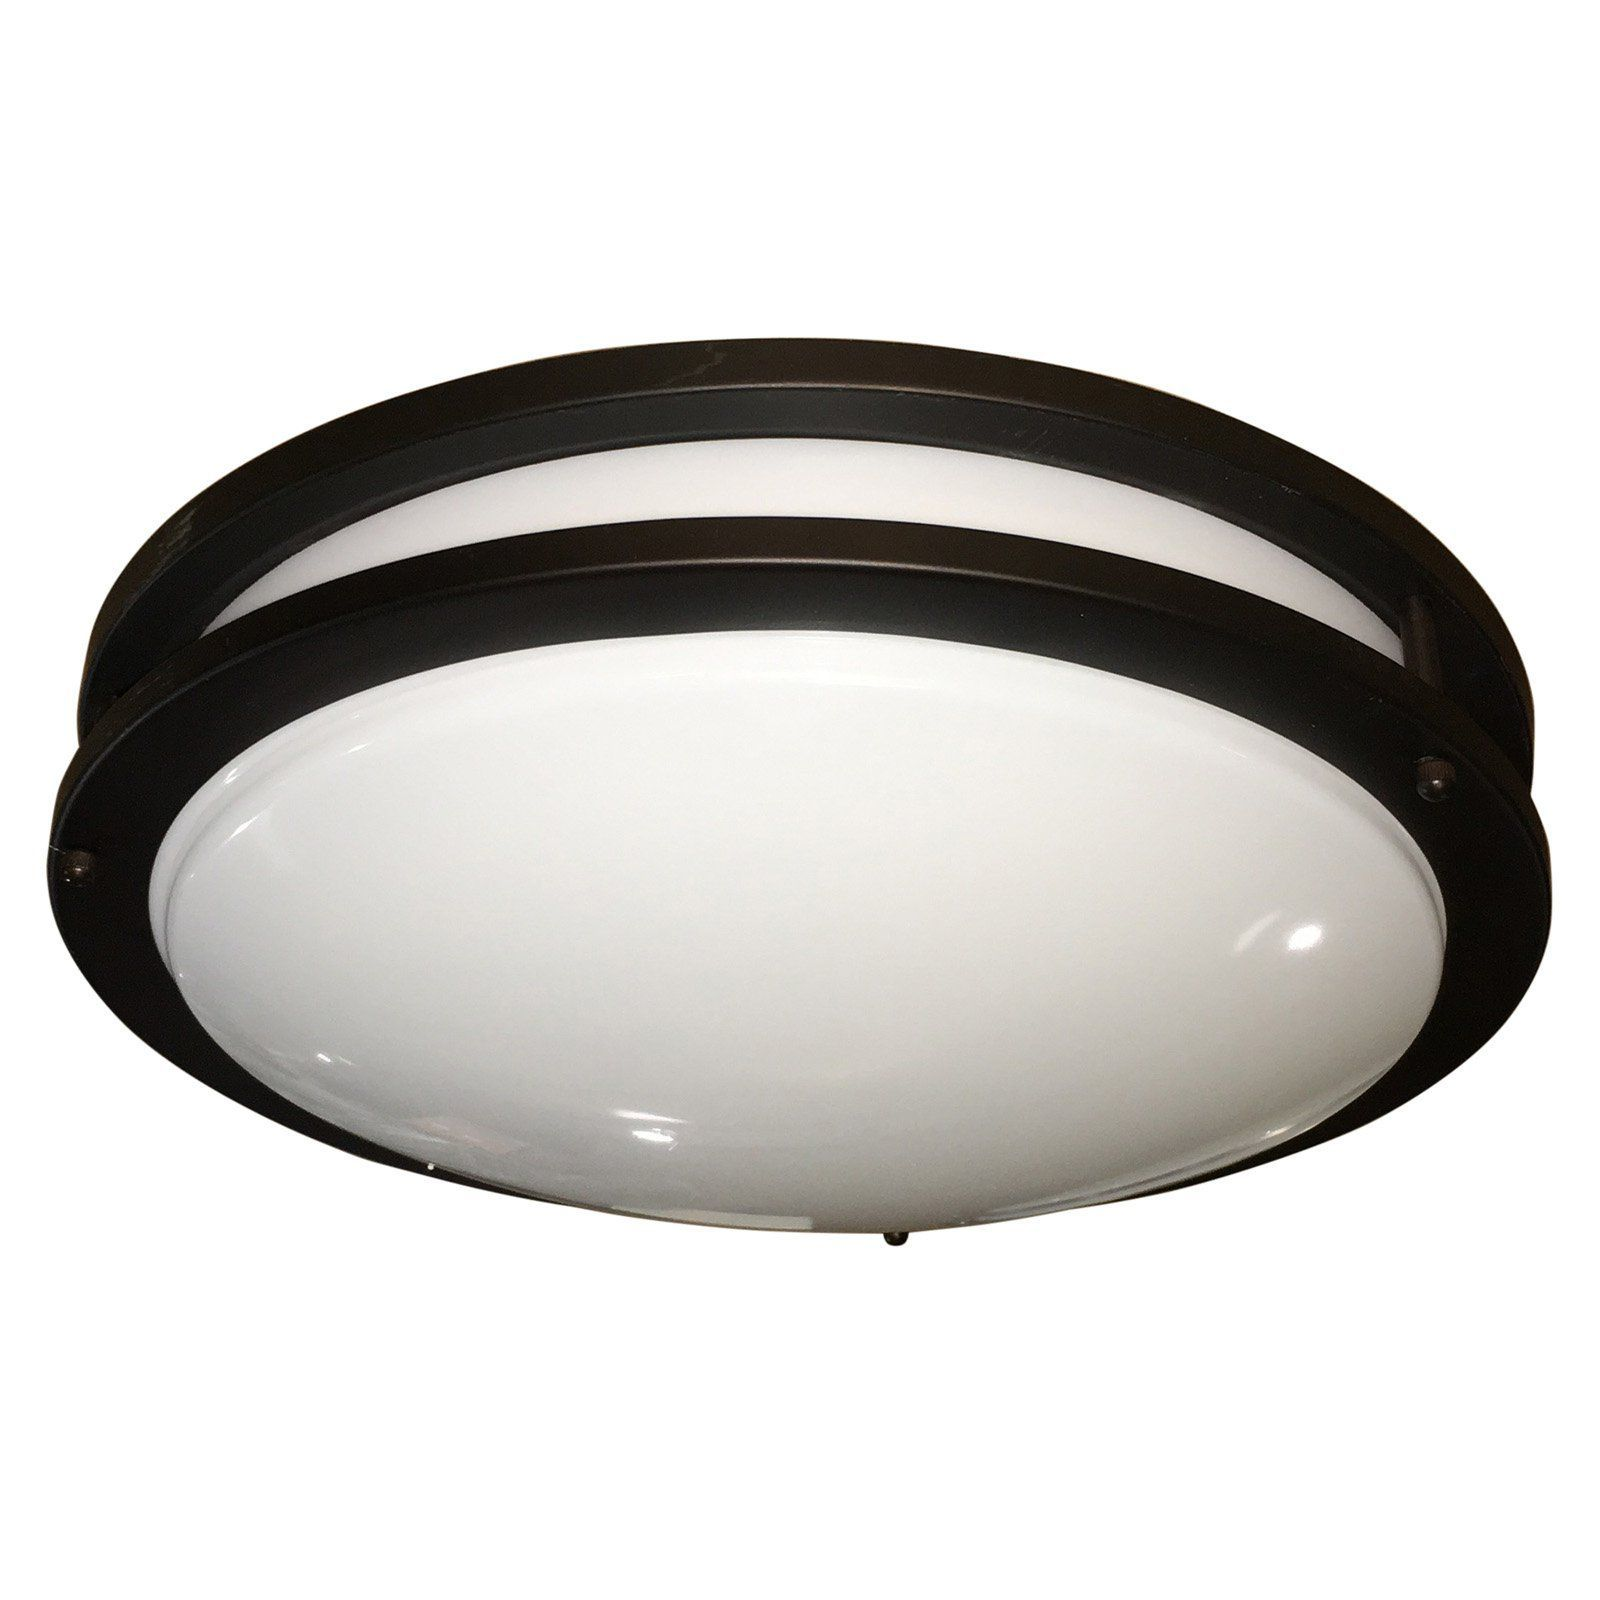 Y Decor Euro Decorative L2102 Fluorescent Light - L2102ORB ...